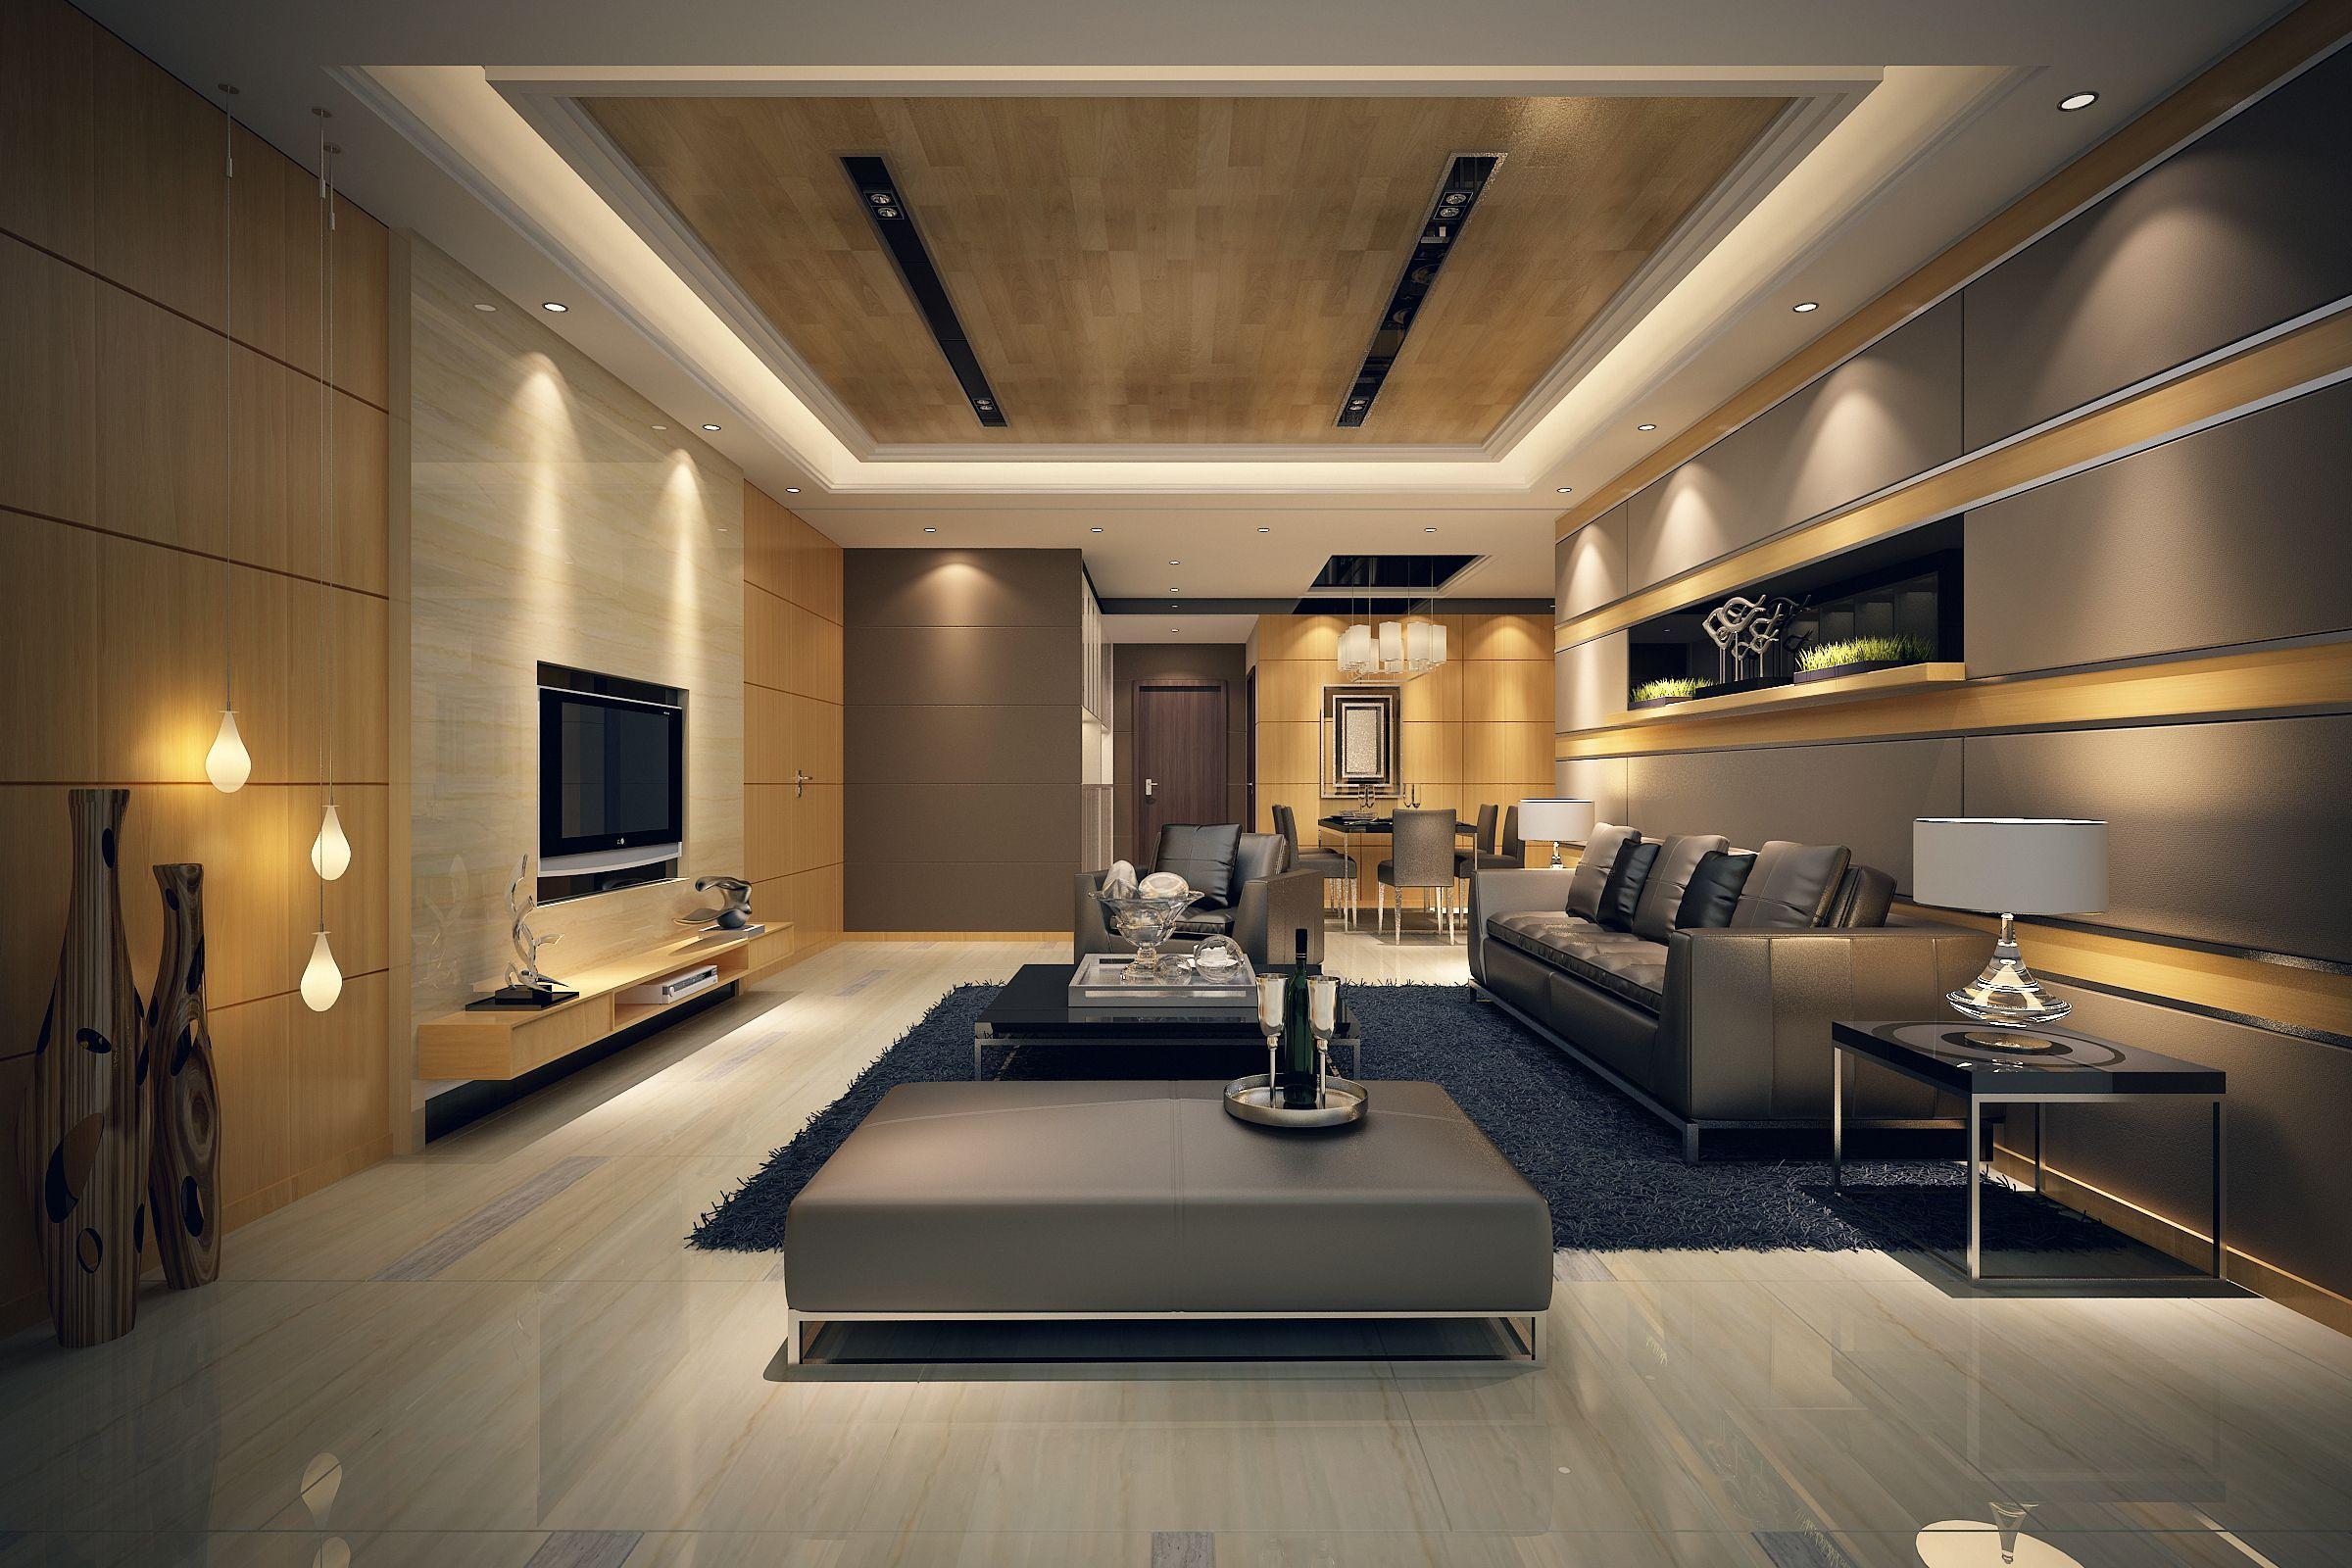 Schockierend Innen Wohnzimmer Design Wohnzimmer Land Wohnzimmer ...